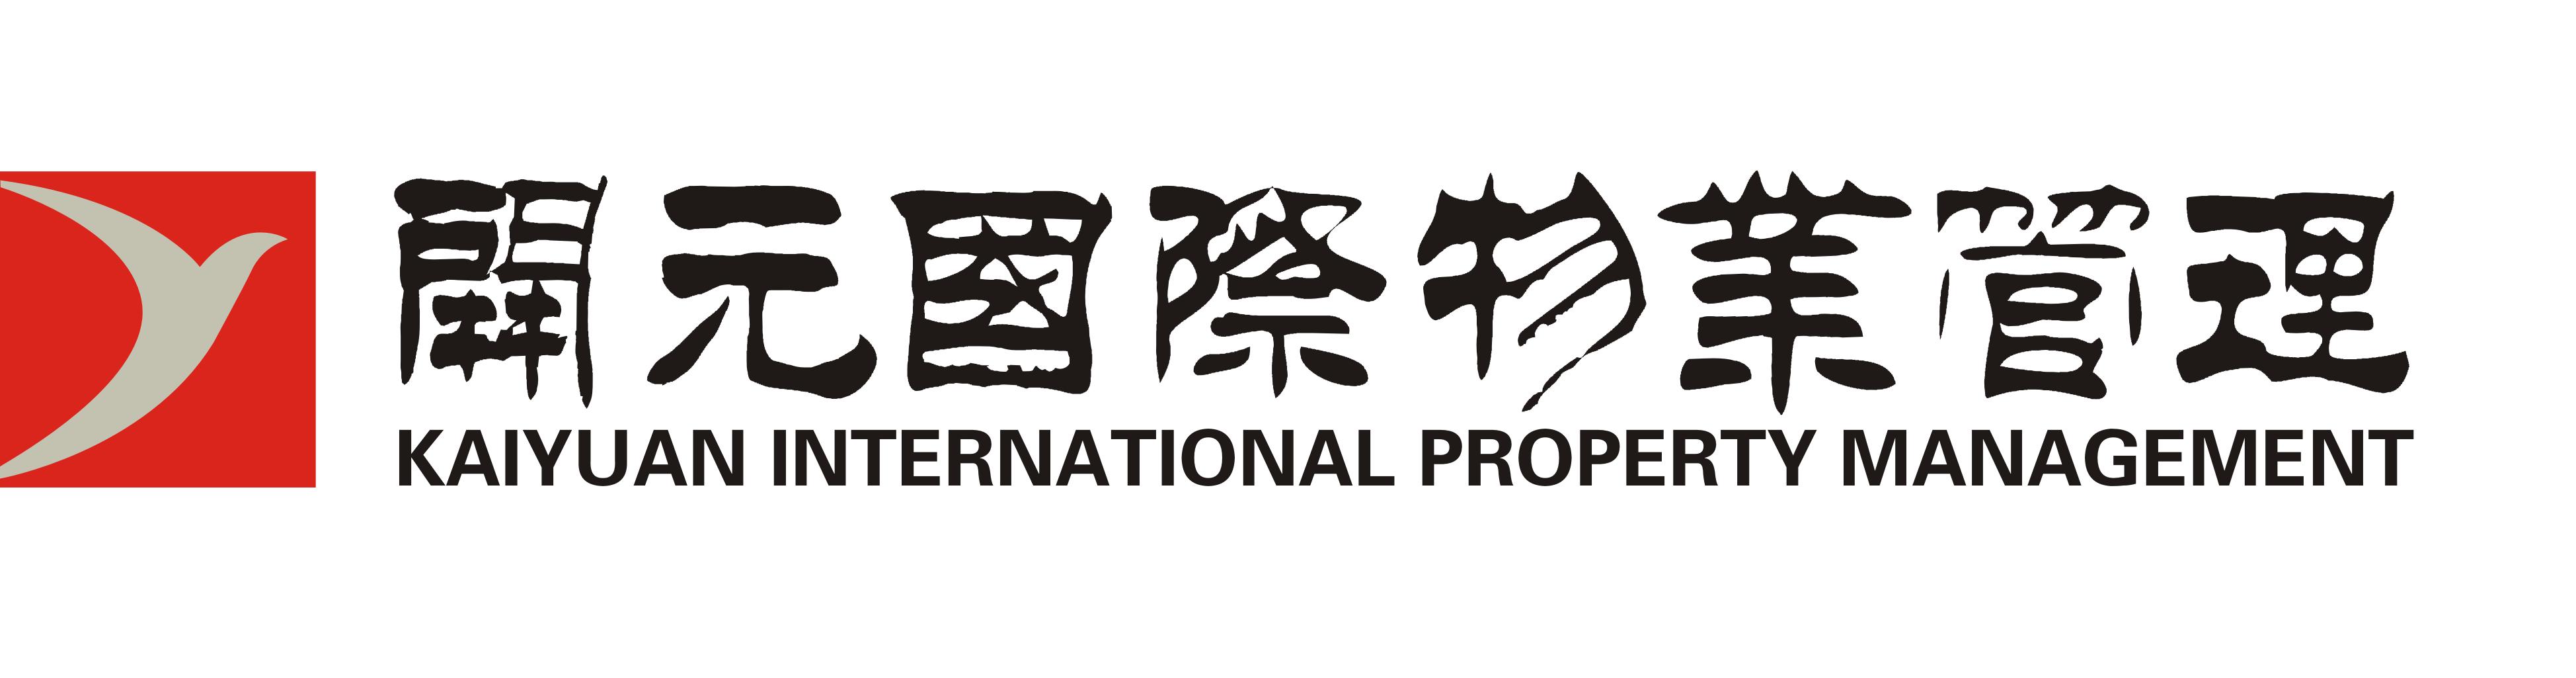 深圳市开元国际物业管理有限公司